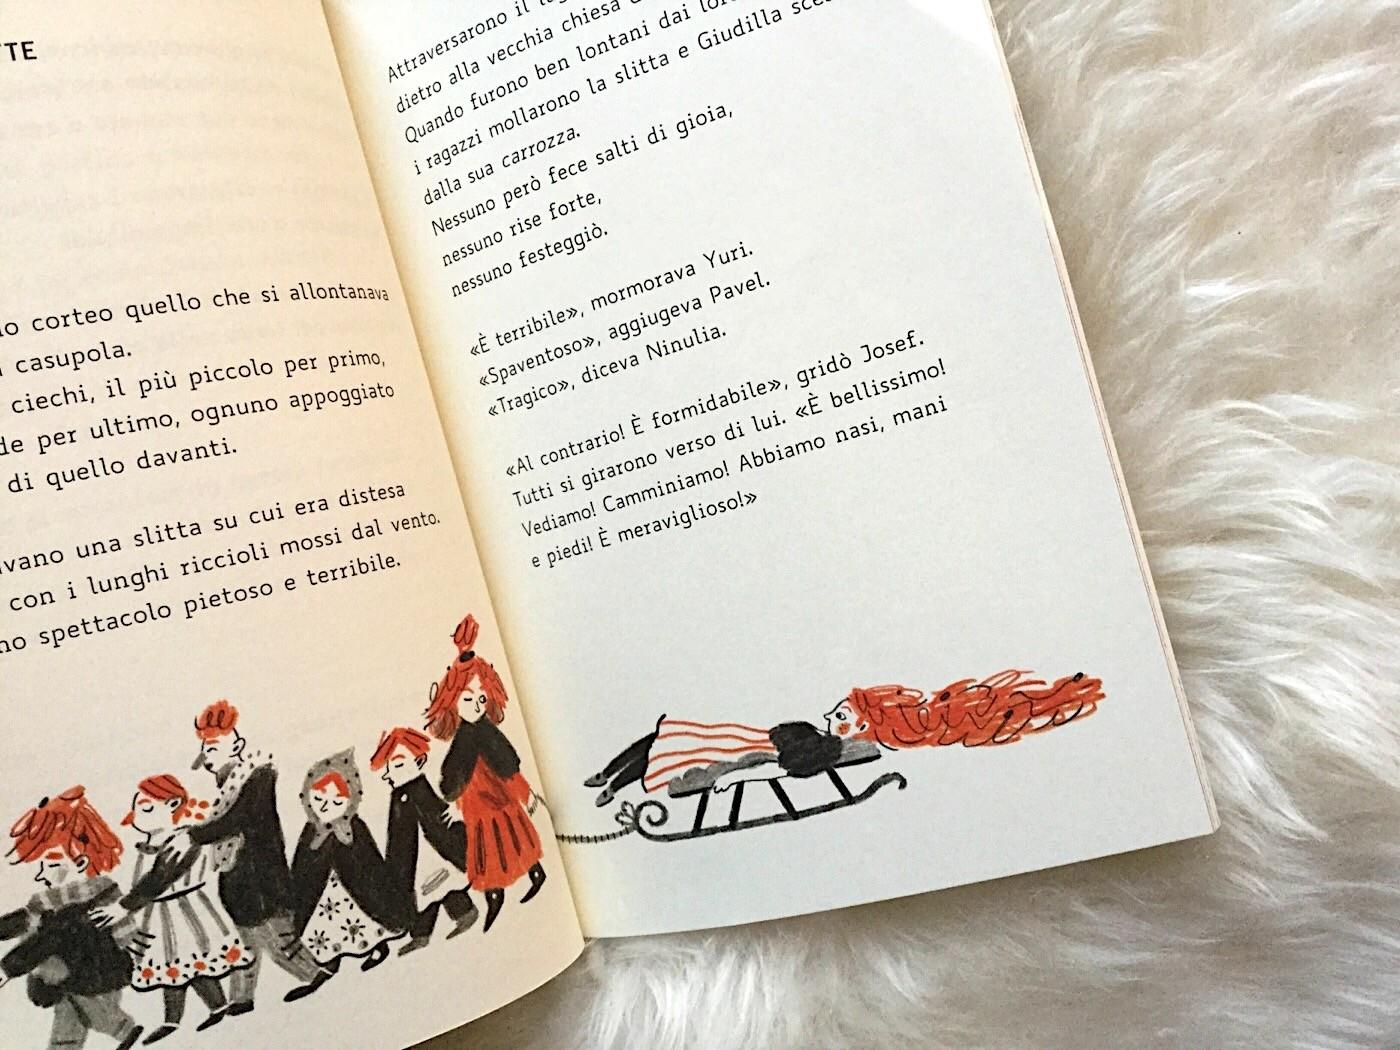 zuppa-orco-vincent-cuvellier-andrea-antinori-biancoenero-edizioni-galline-volanti